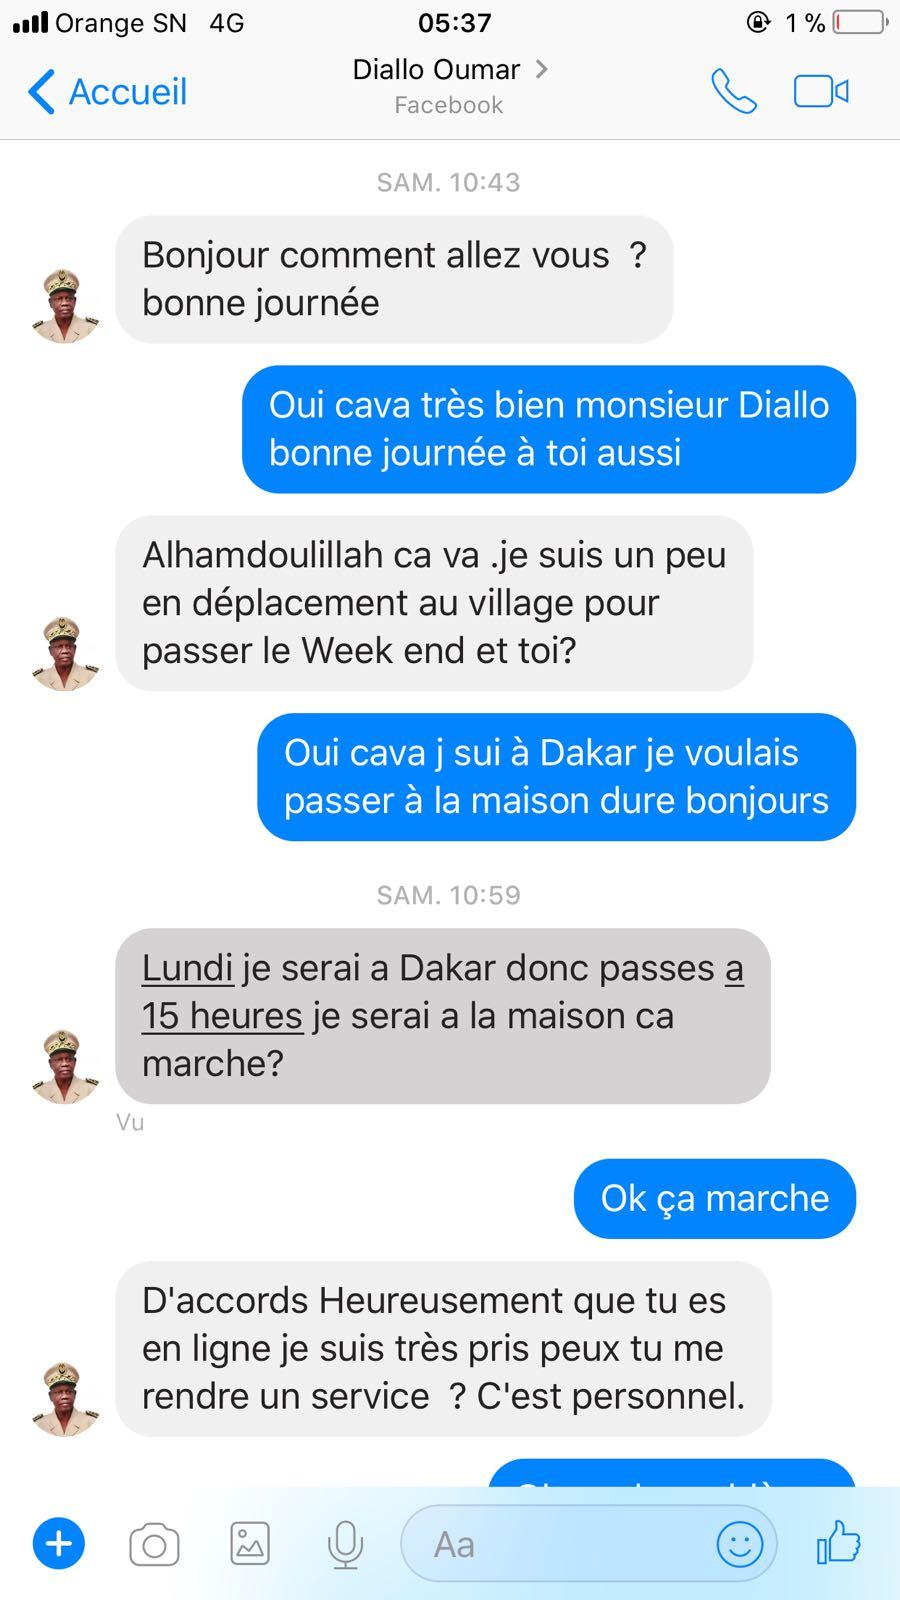 Escroquerie via Facebook : des arnaqueurs se font passer pour le colonel Omar Diallo De la douane